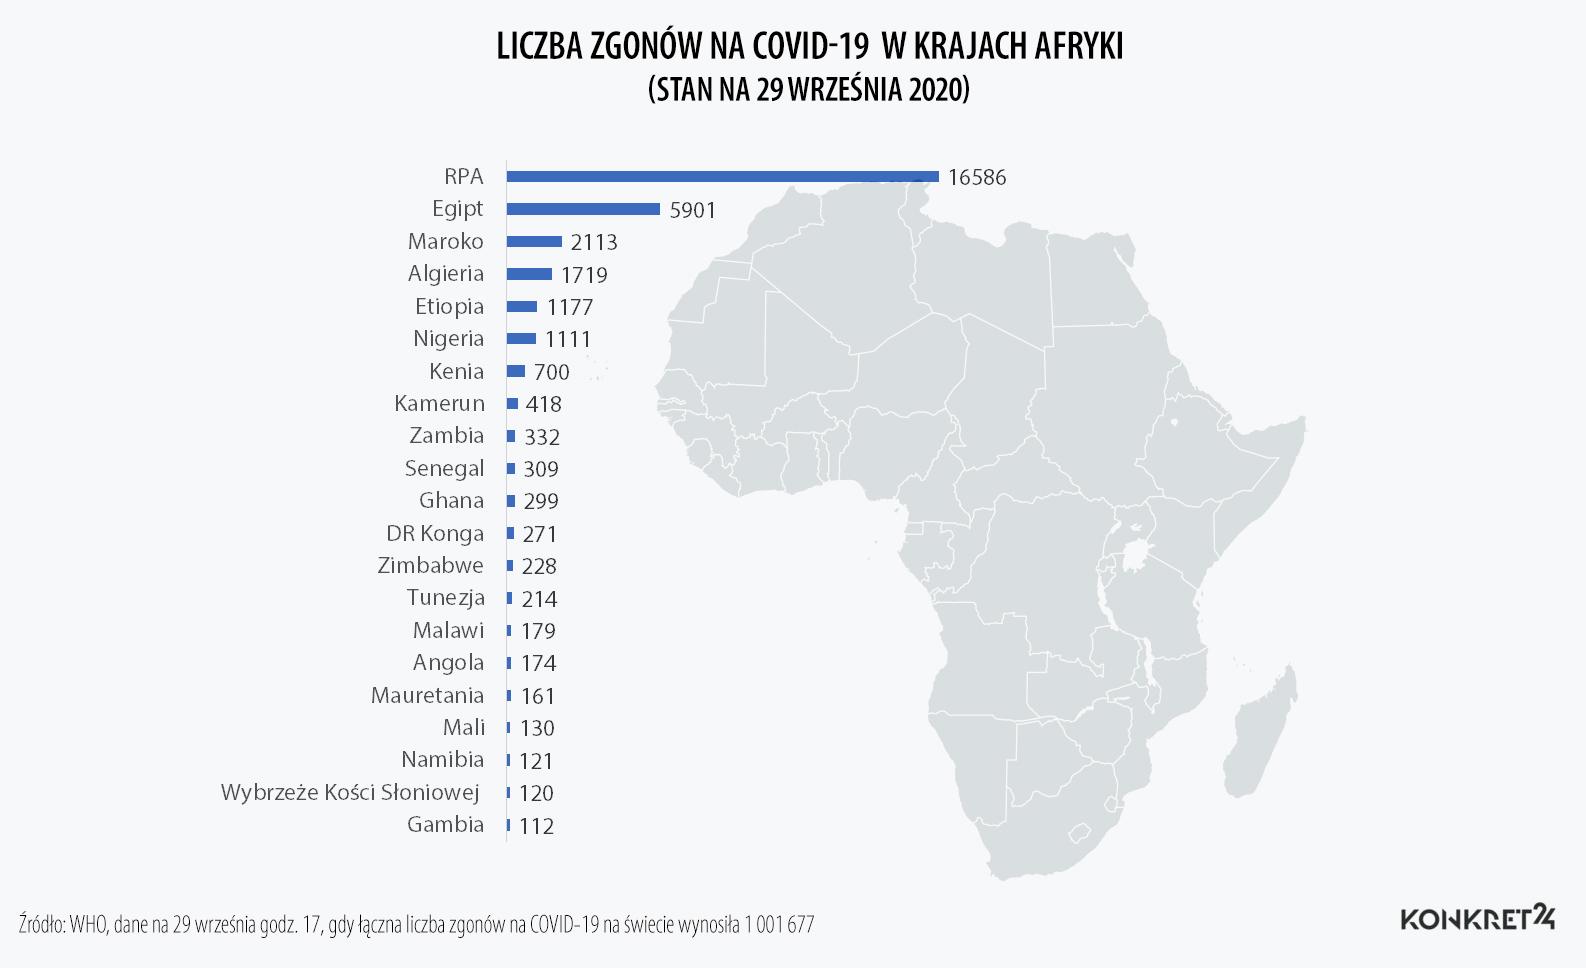 Liczba zgonów na COVID-19 w krajach Afryki  (stan na 29 września 2020)